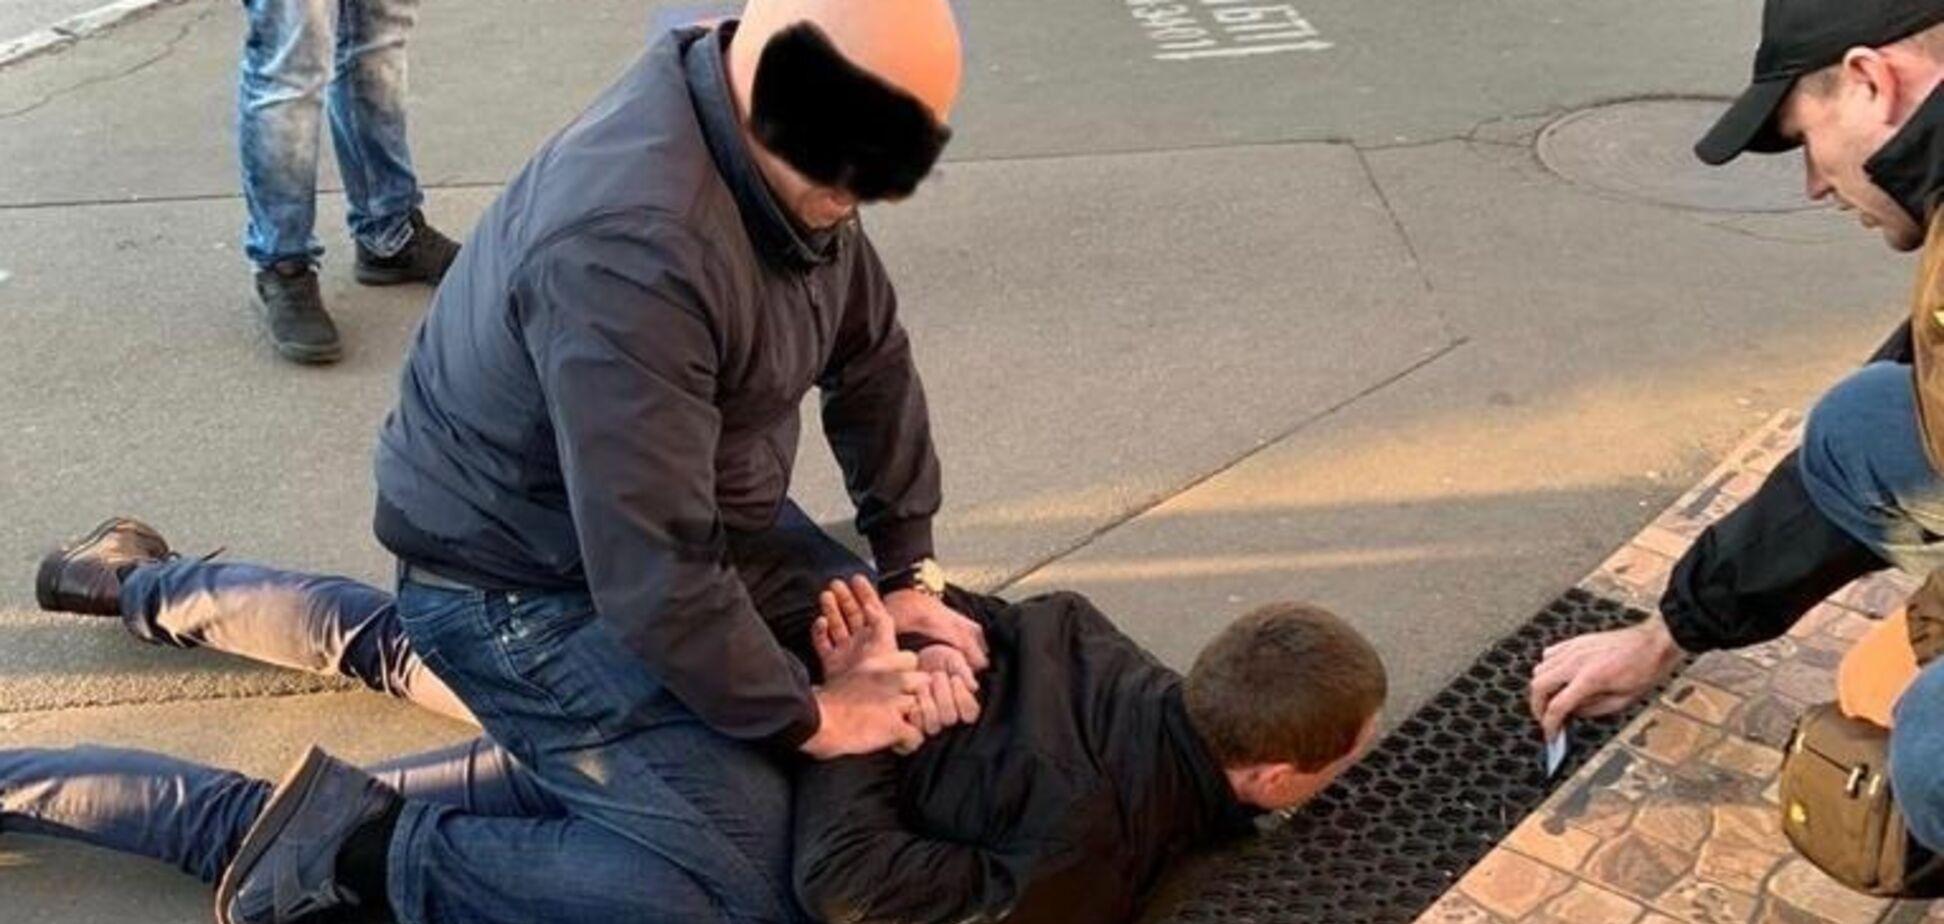 Сотрудники СБУ задержали следователя Святошинского управления полиции за вымогательство взятки